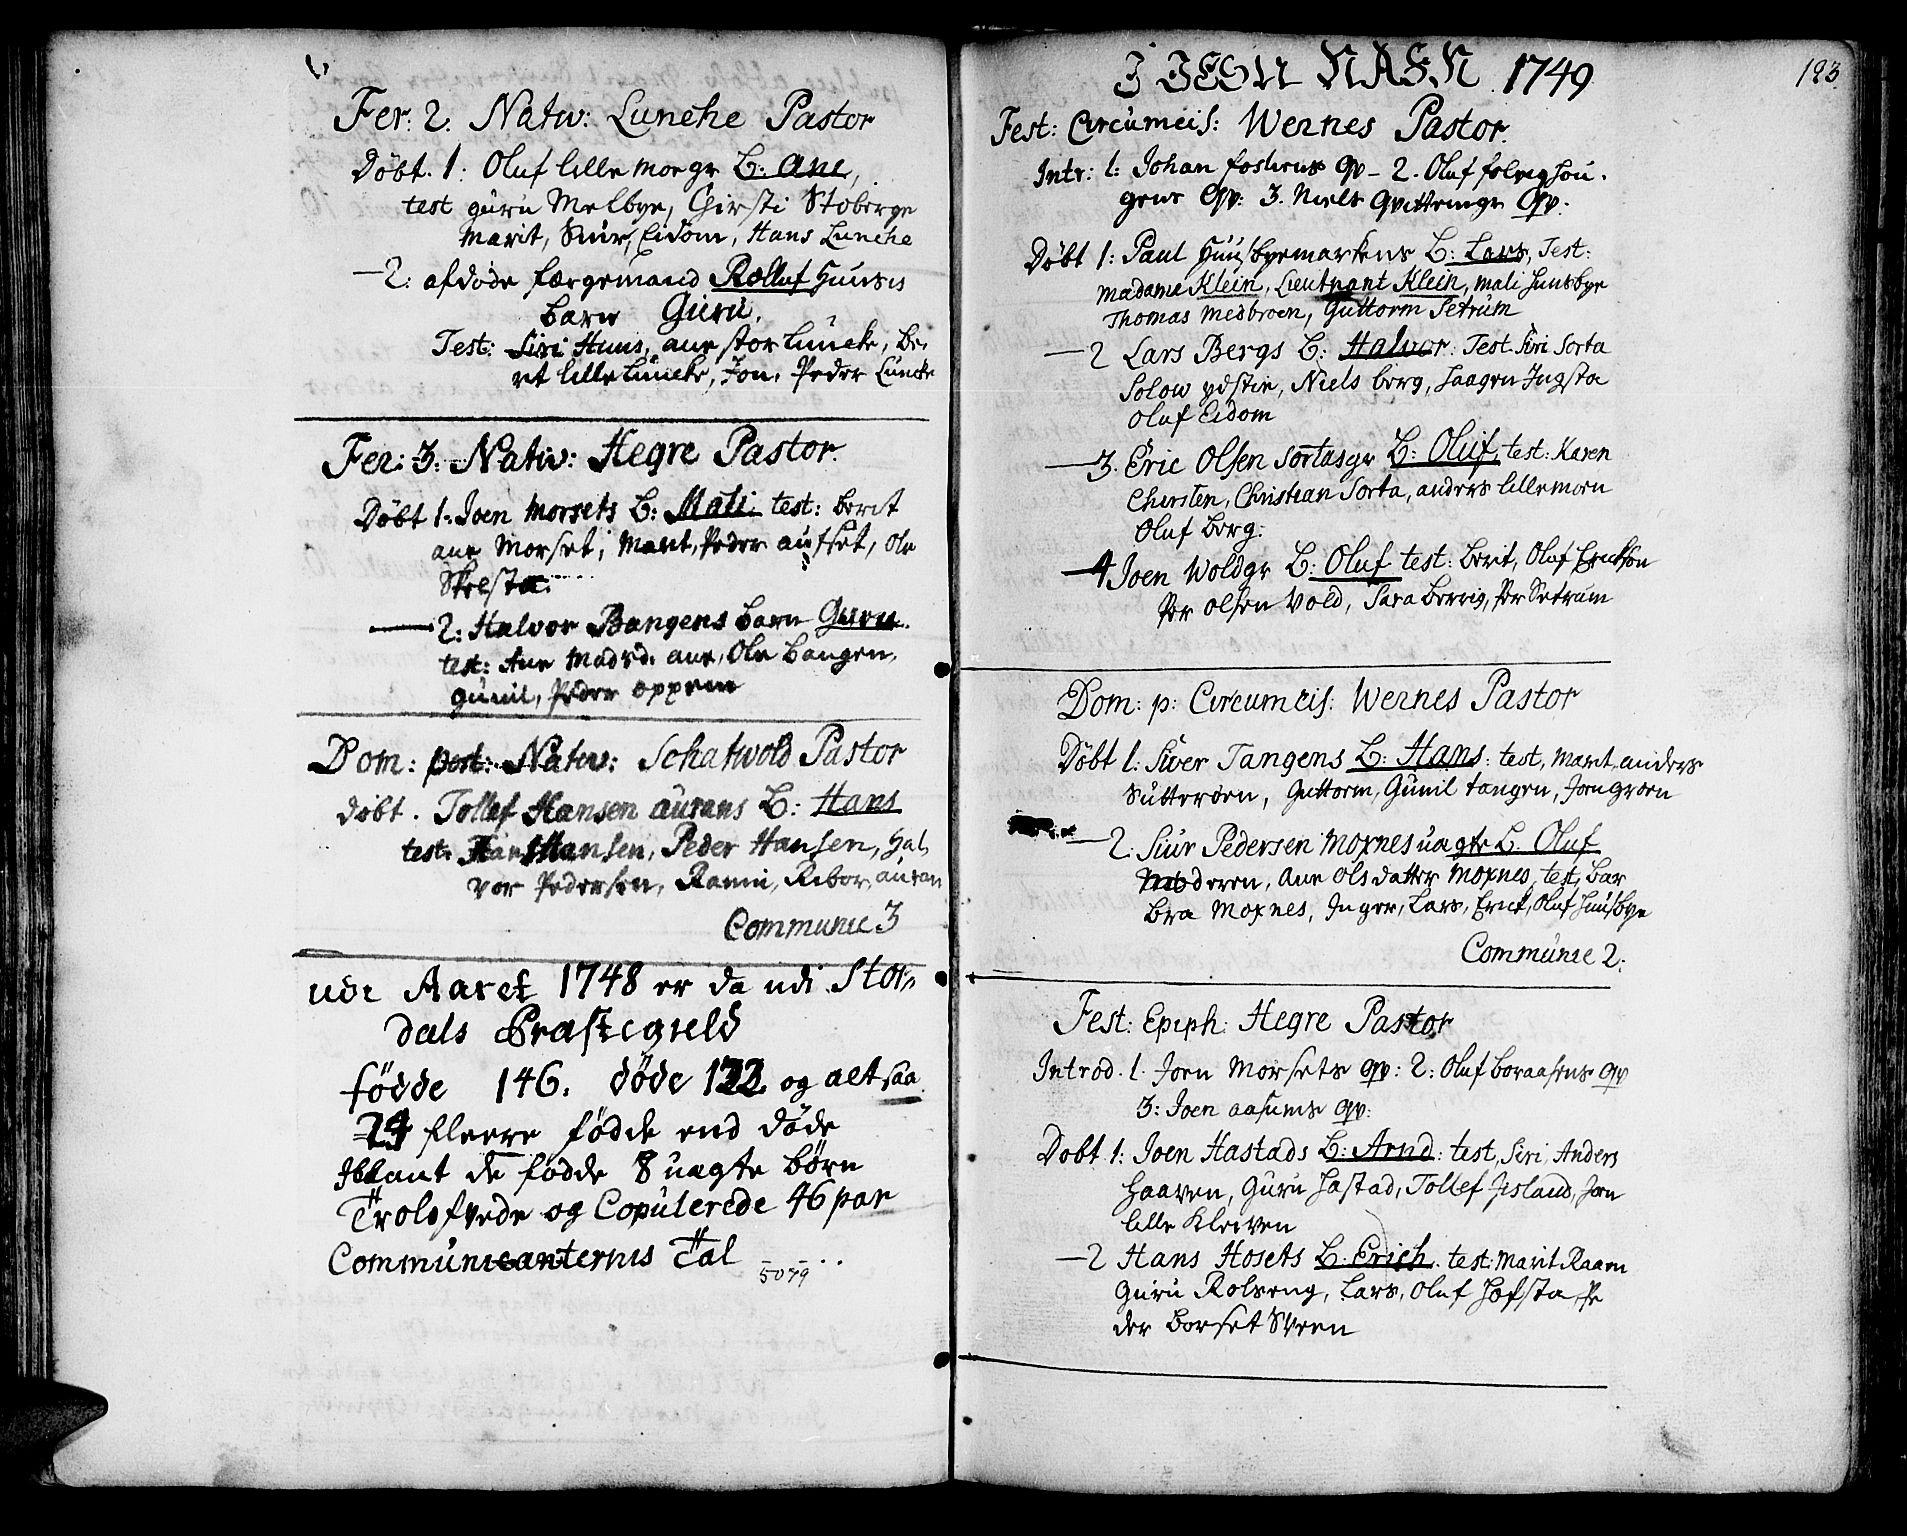 SAT, Ministerialprotokoller, klokkerbøker og fødselsregistre - Nord-Trøndelag, 709/L0056: Ministerialbok nr. 709A04, 1740-1756, s. 123